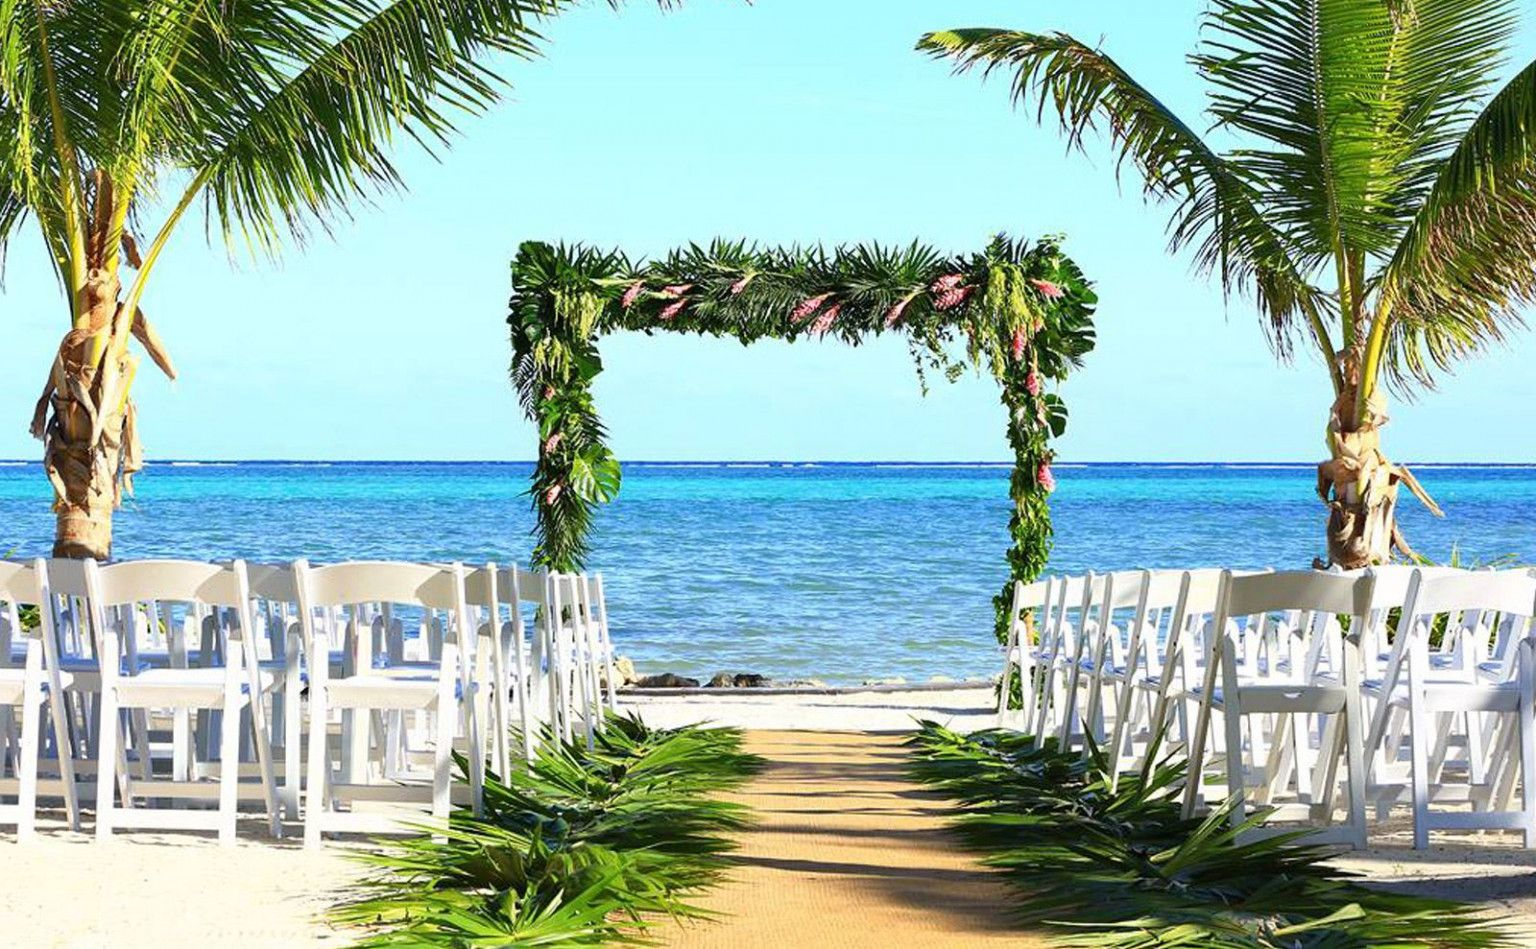 Is Destination Beach Wedding Still Relevant Beach Destination Wedding Beach Wedding Destination Wedding Images